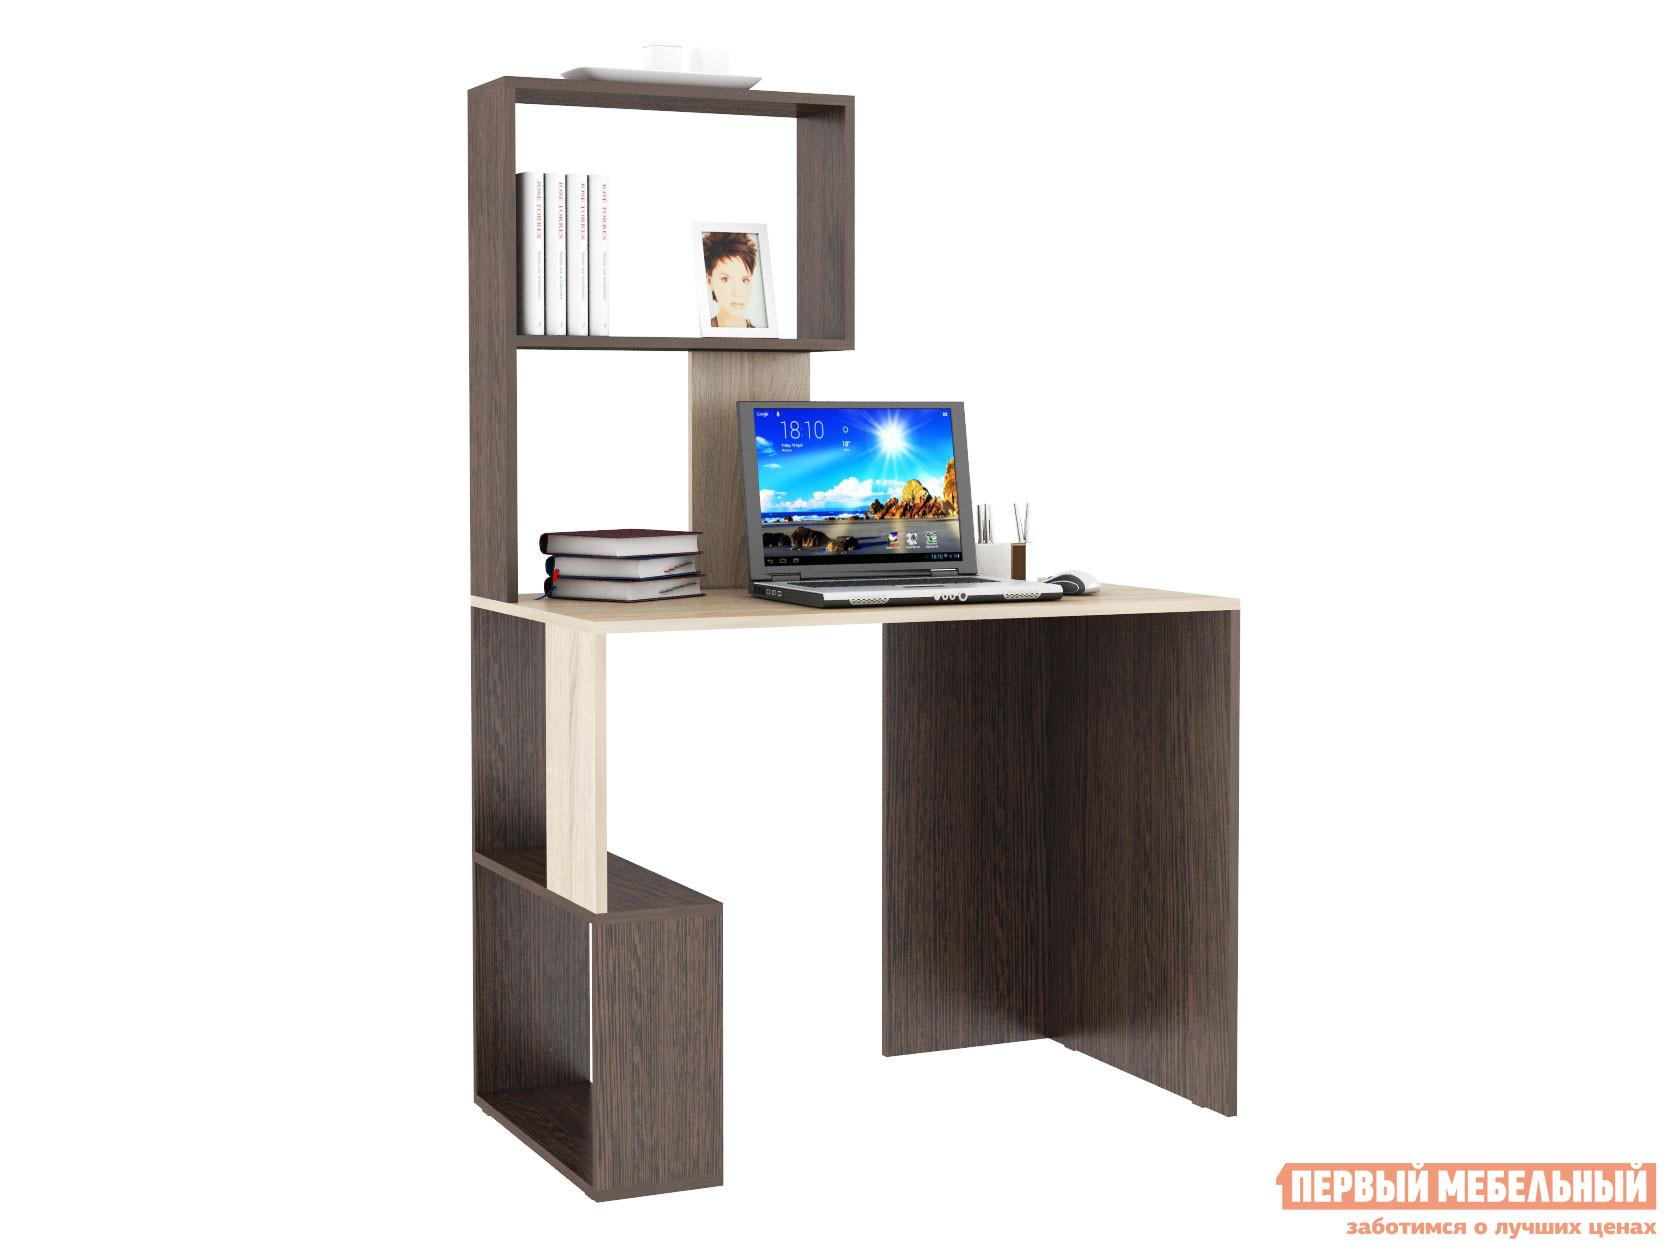 Компьютерный стол Первый Мебельный Стол компьютерный Смарт 1